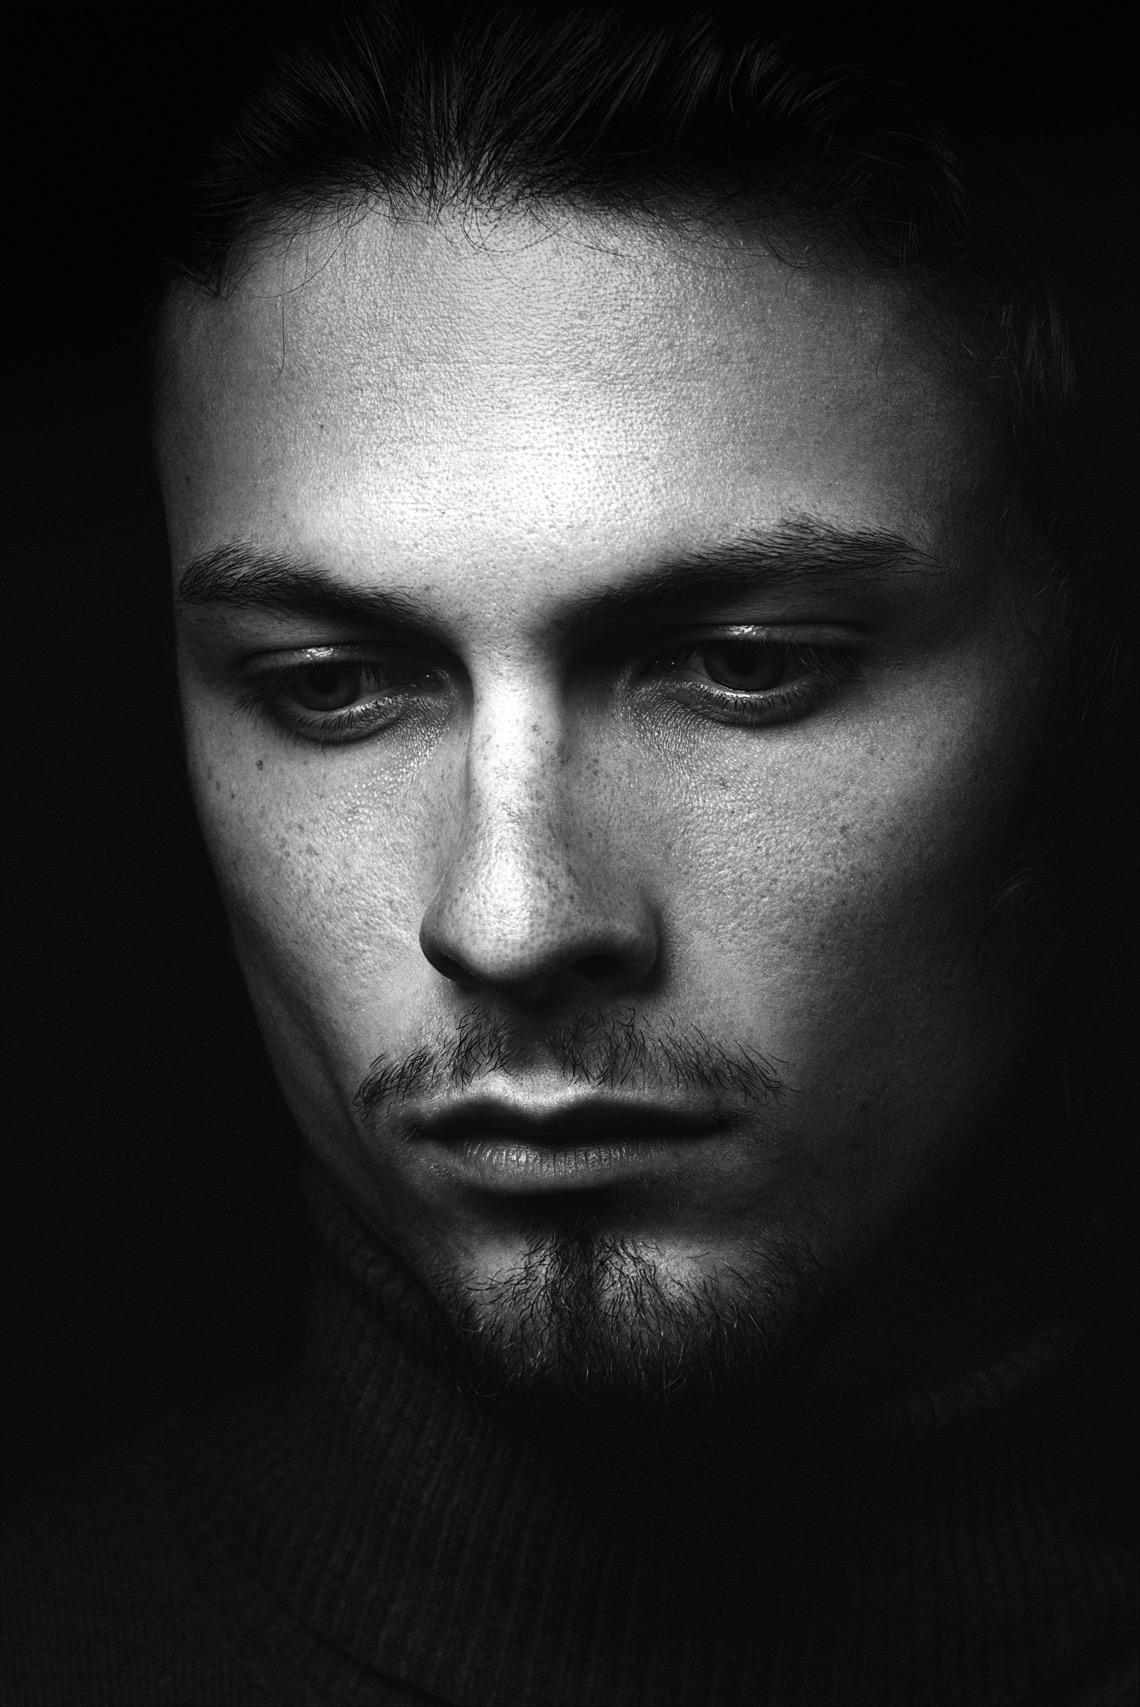 Fotografía publicitaria Retrato para Hombre 2